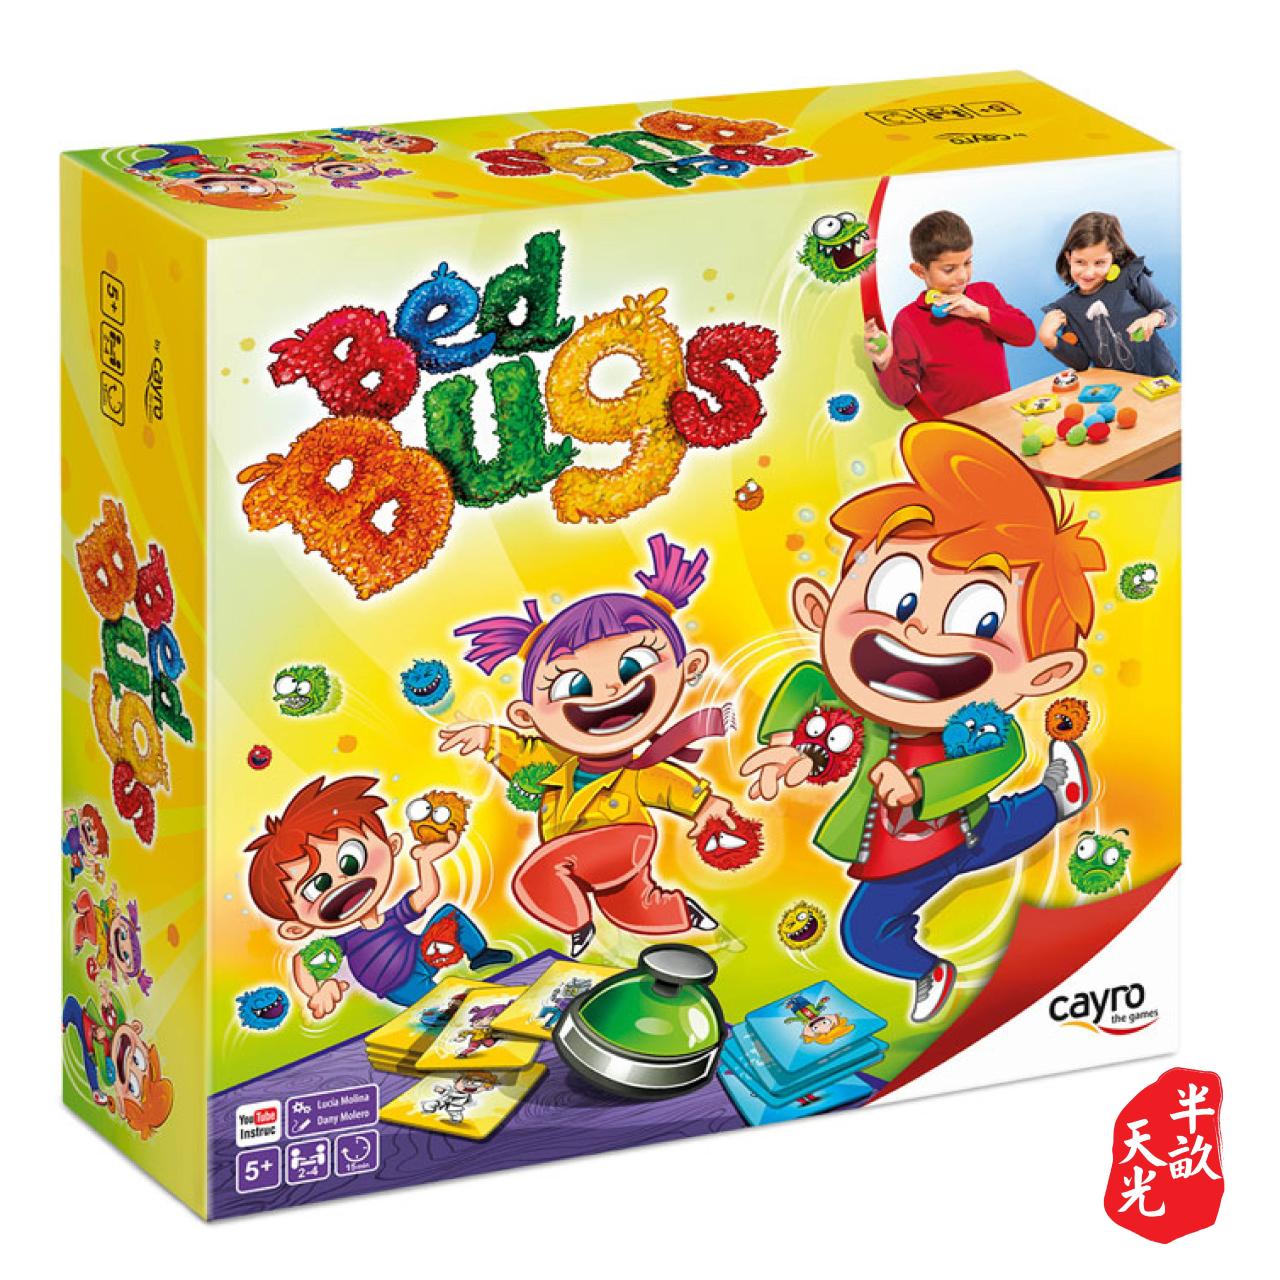 儿童桌游/儿童游戏/正版桌游: Bed Bugs